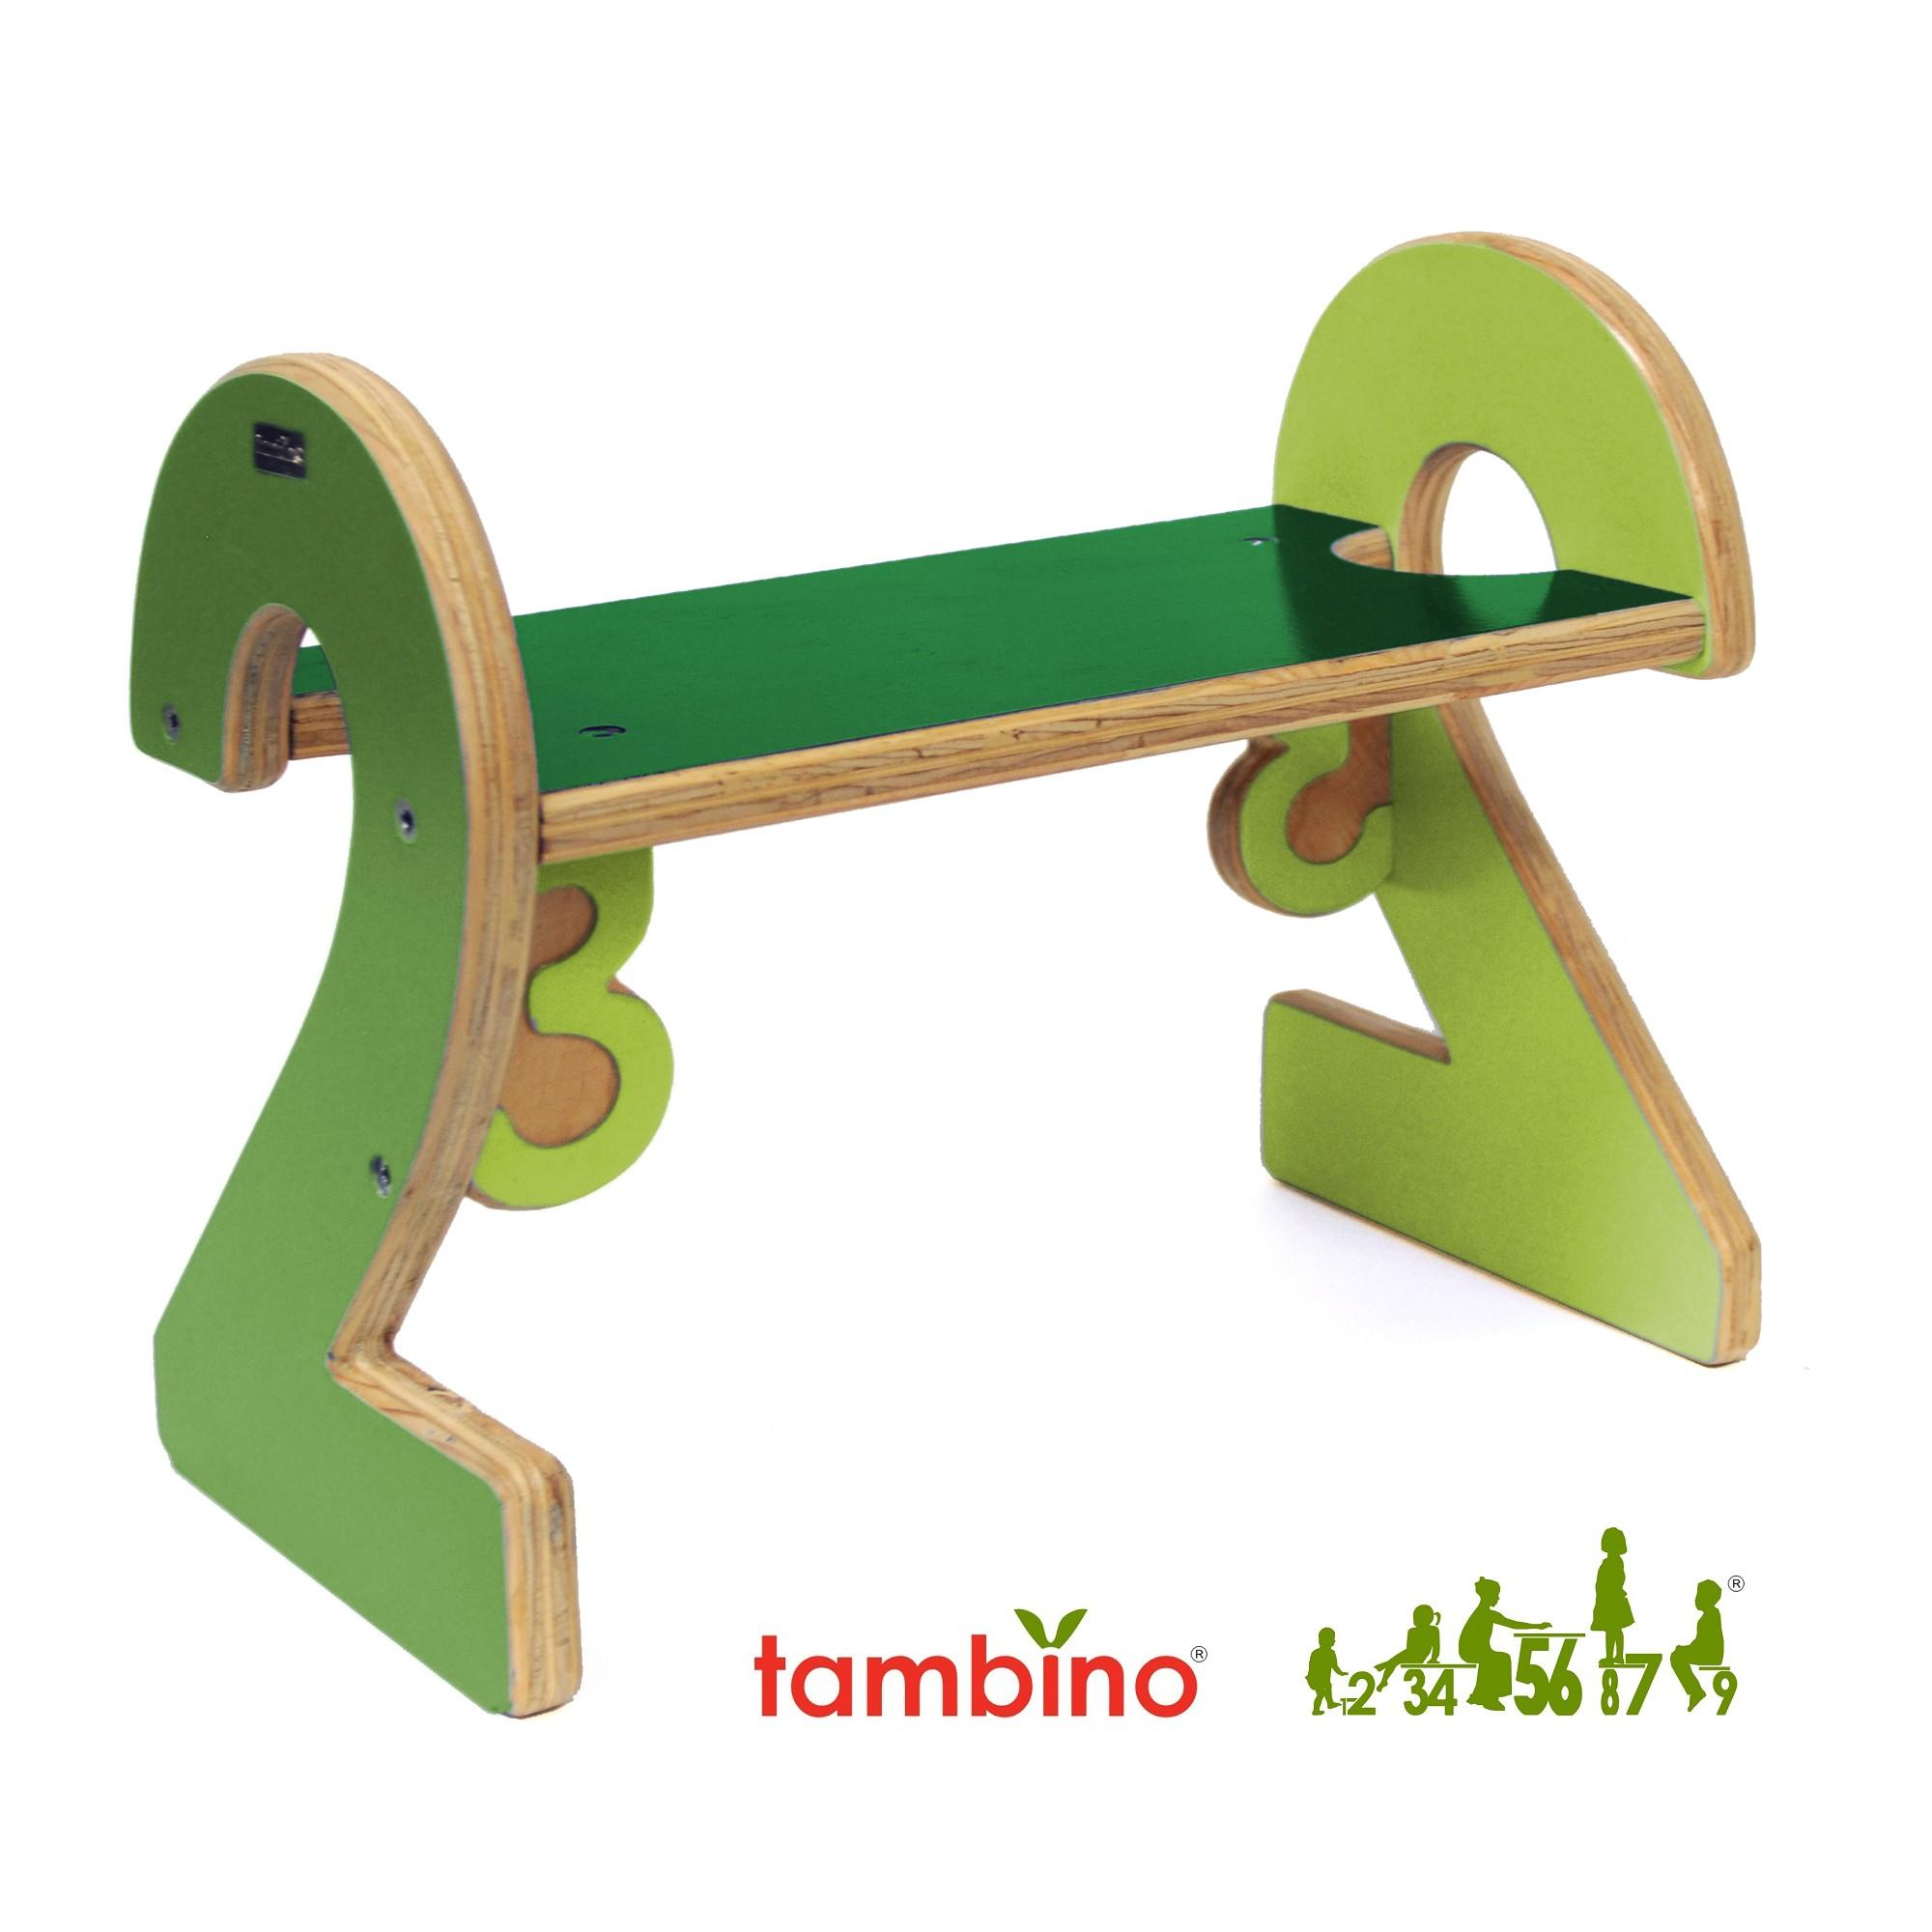 Tambino 2 2 Step Stool